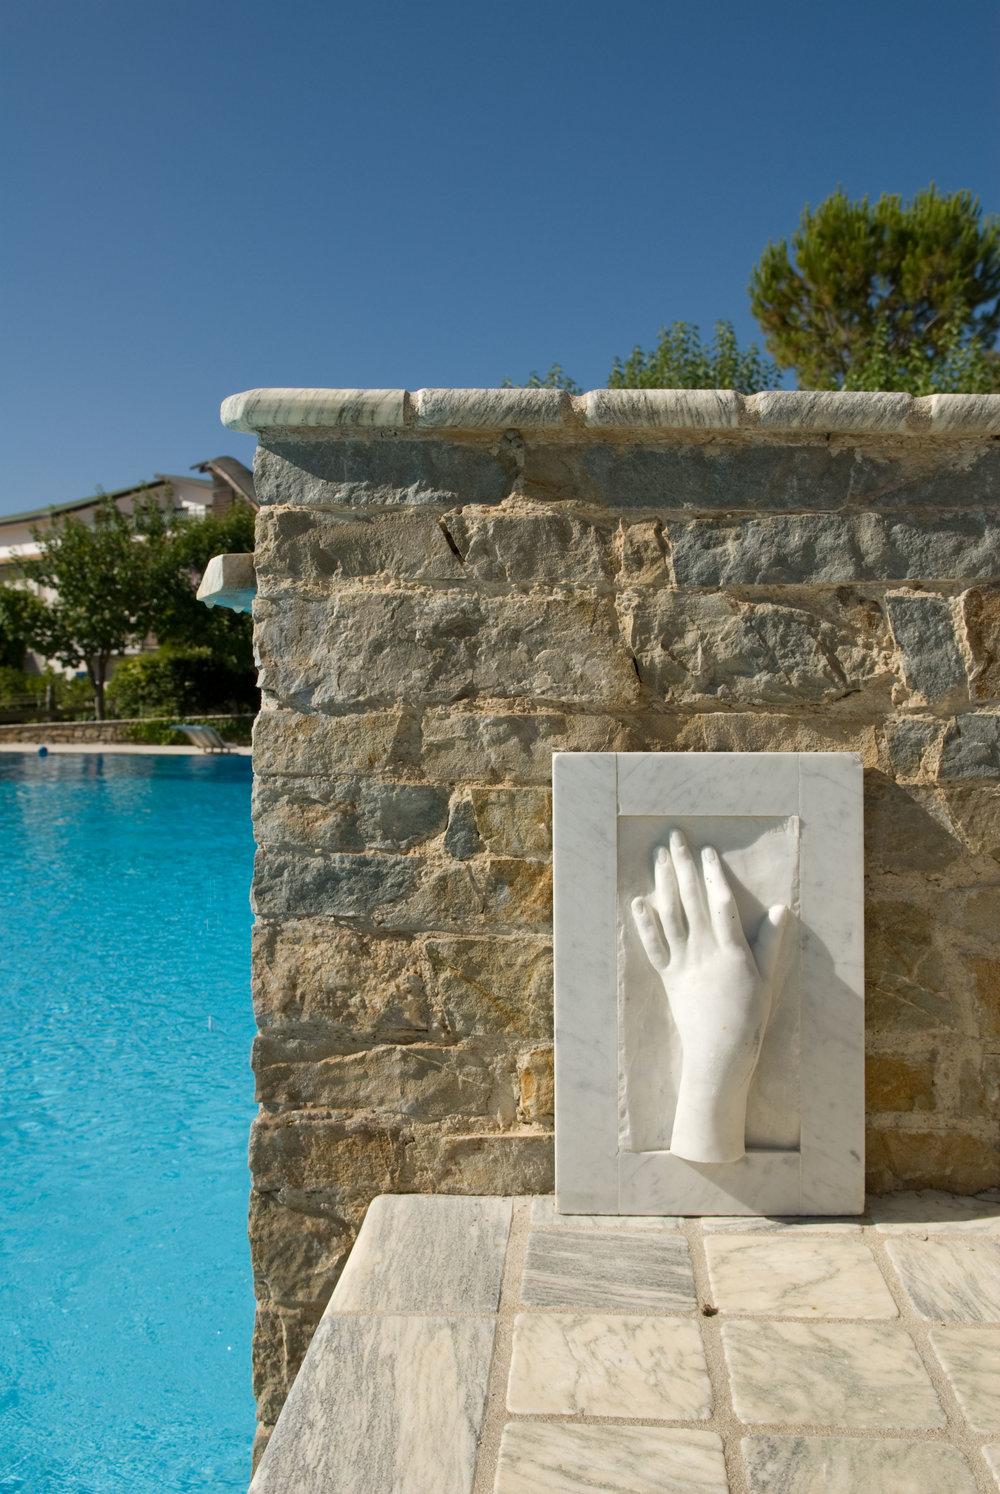 Muro in pietra e scultura in marmo bianco